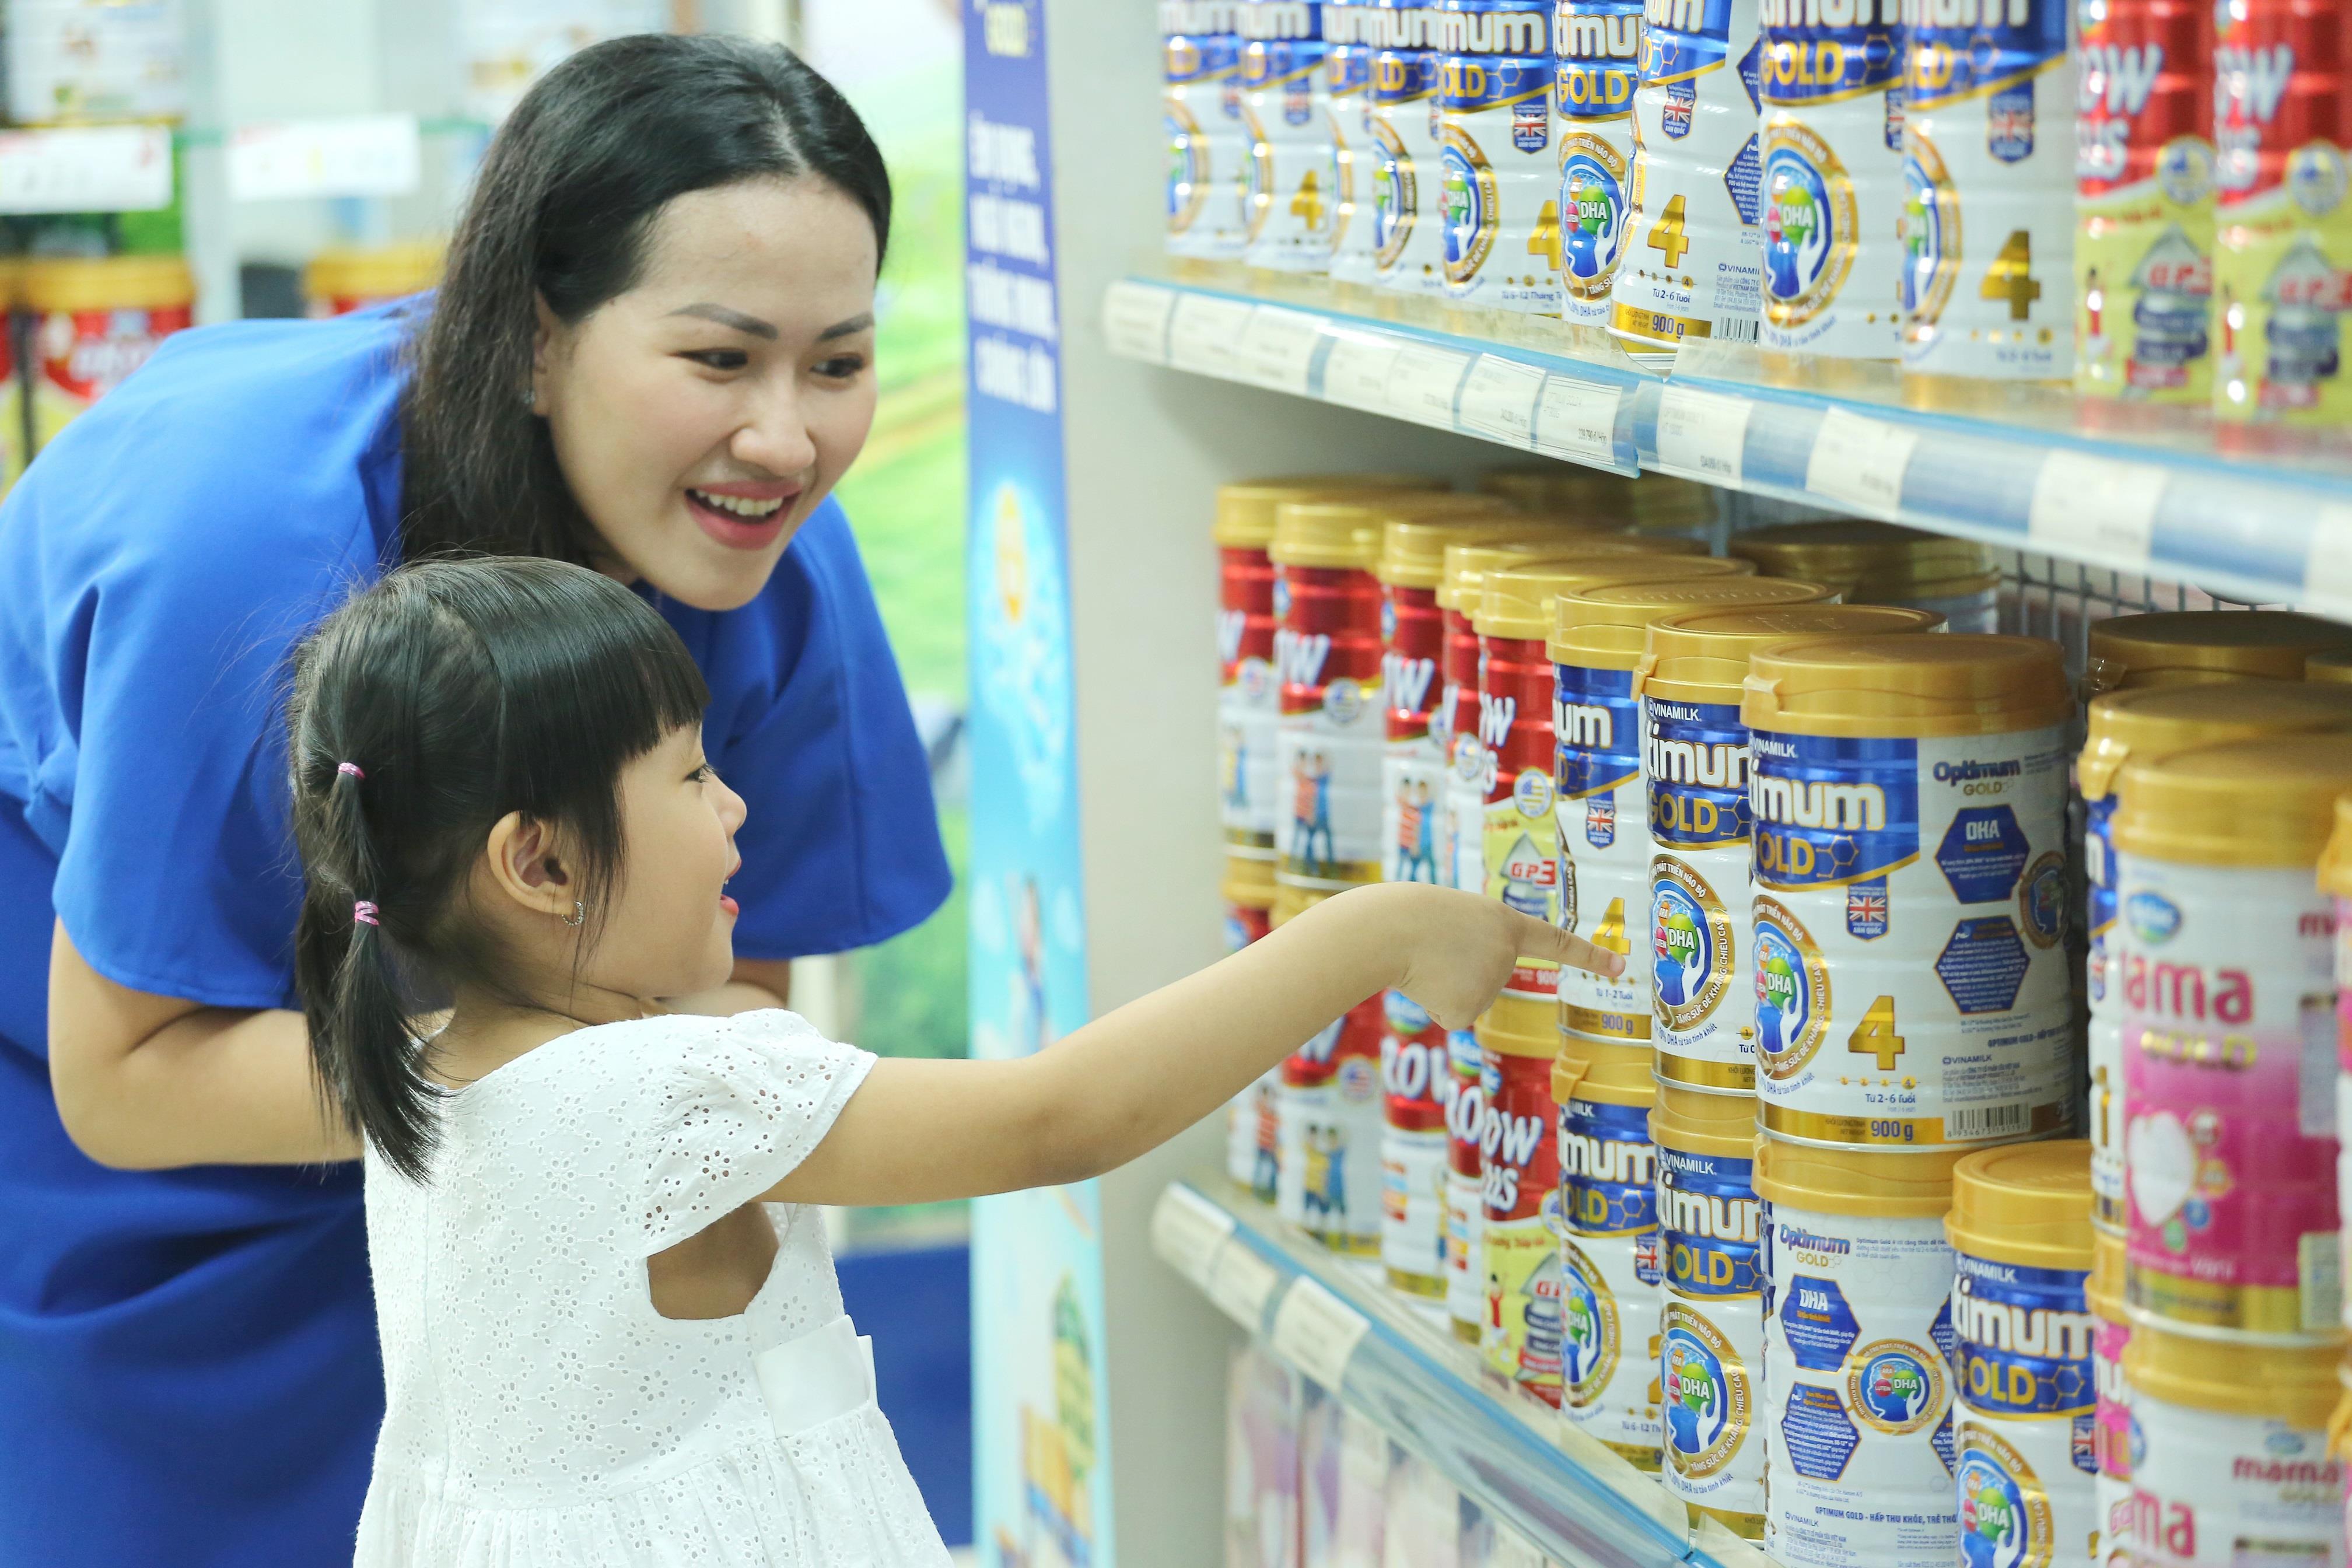 Mẹ thường mua sữa cho con ở đâu nhất?